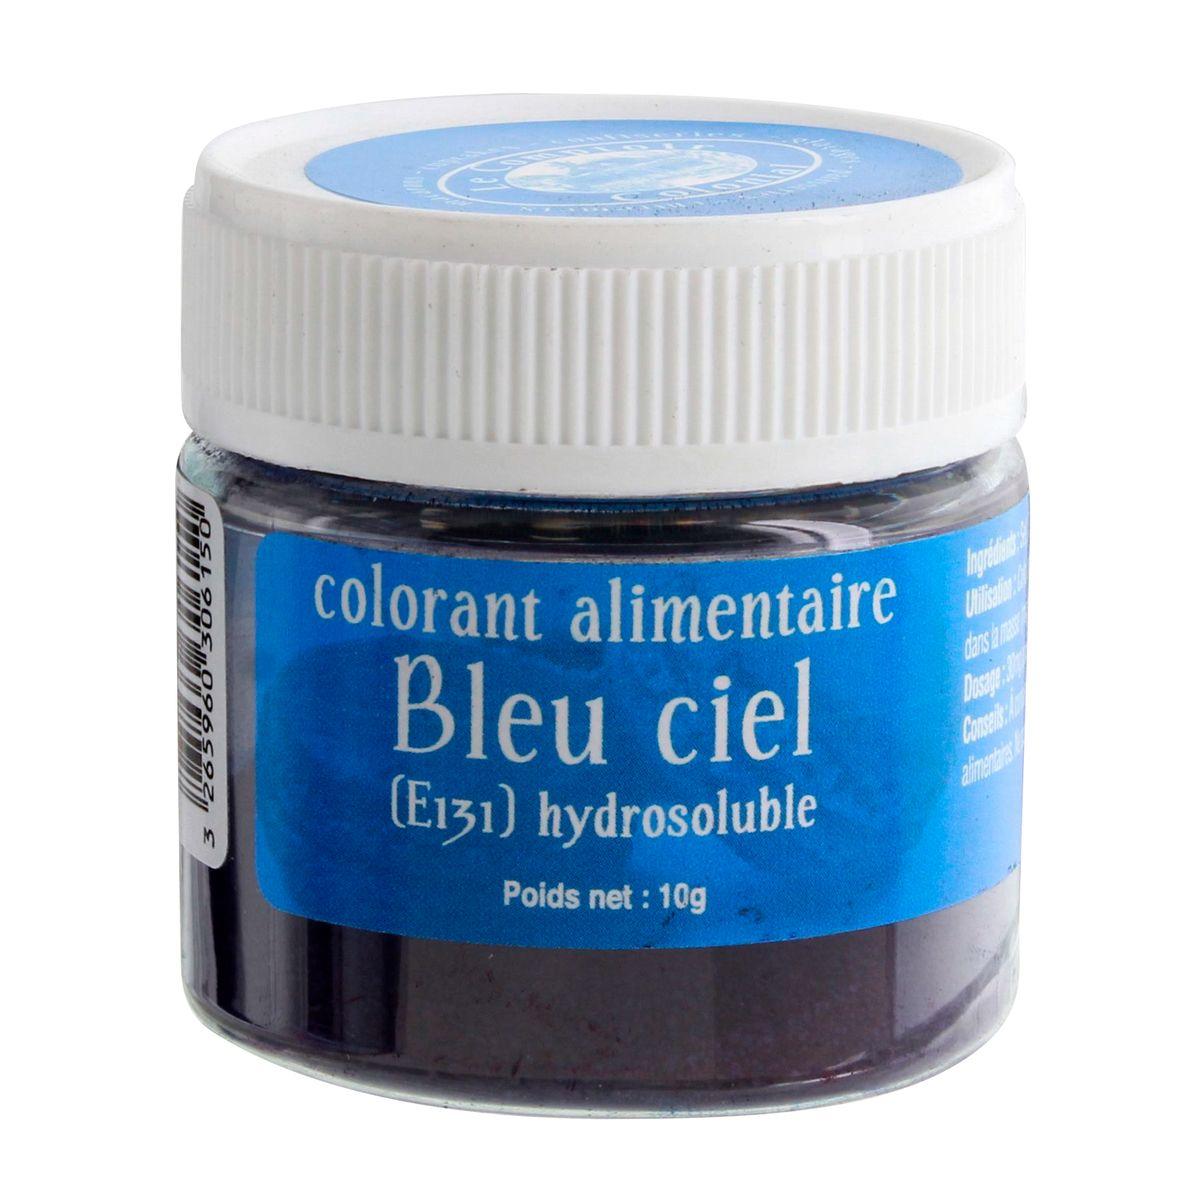 Colorant alimentaire hydrosoluble 10gr bleu ciel - Le Comptoir Colonial